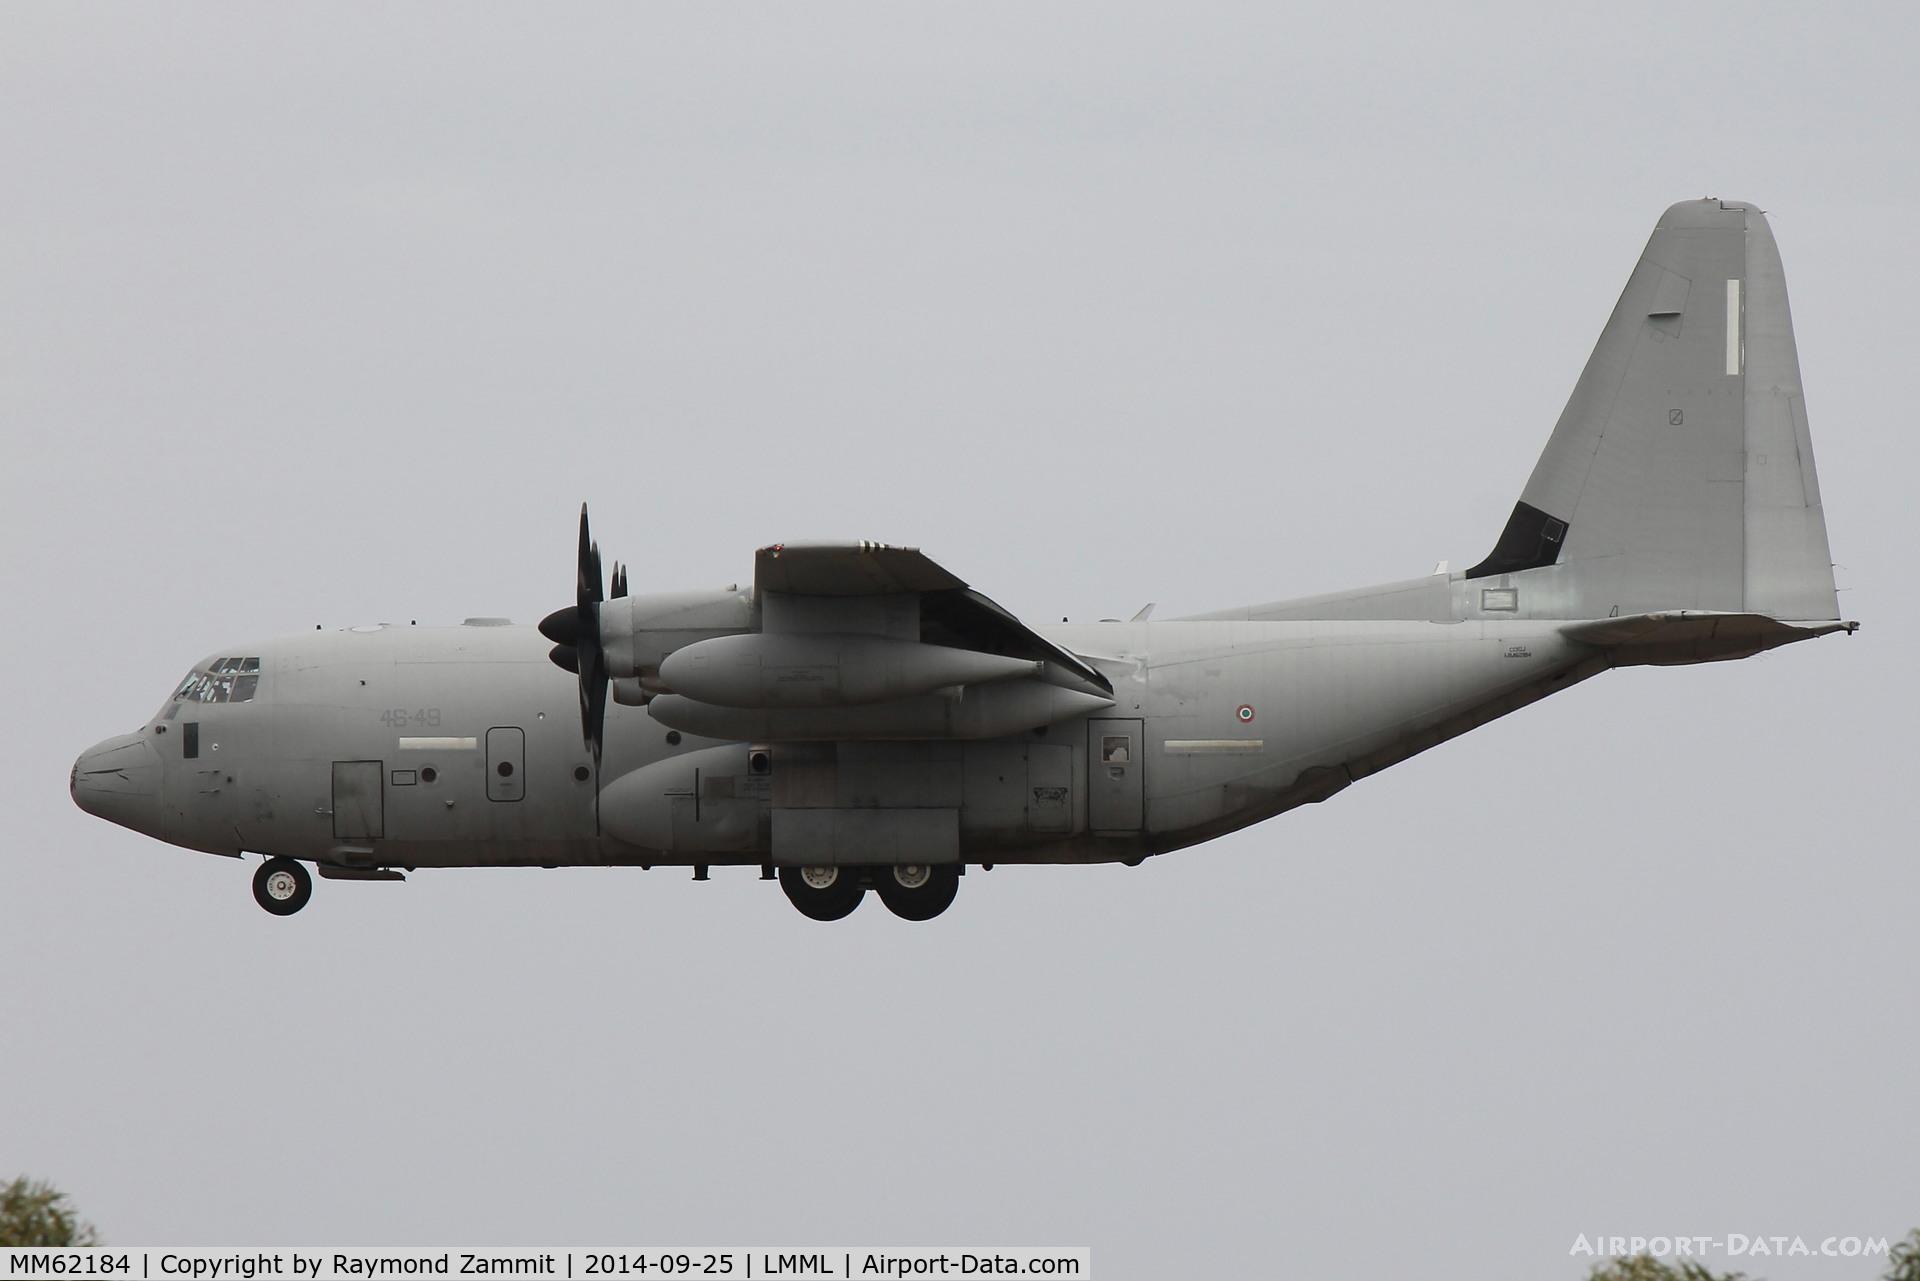 MM62184, Lockheed Martin KC-130J Hercules C/N 382-5513, C130J Hercules MM62184/46-69 Italian Air Force